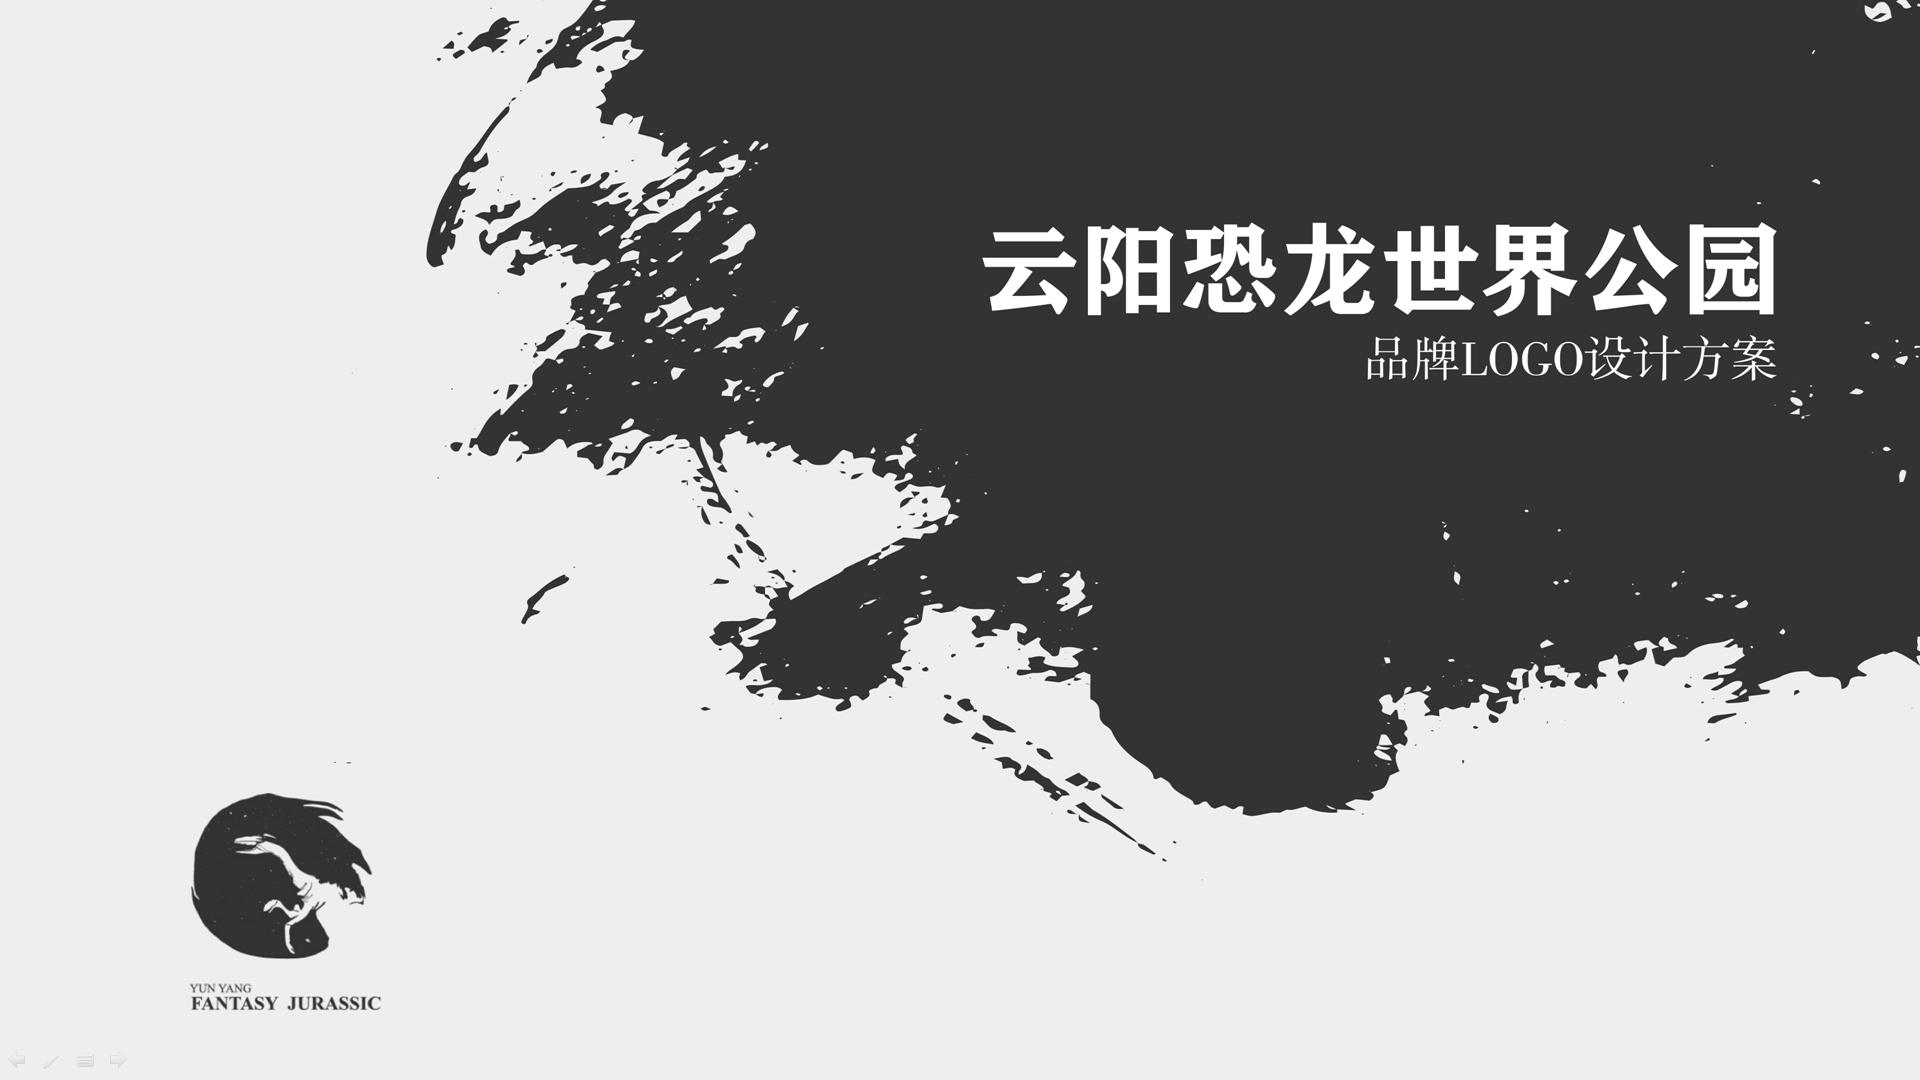 云阳恐龙世界公园品牌LOGO设计方案